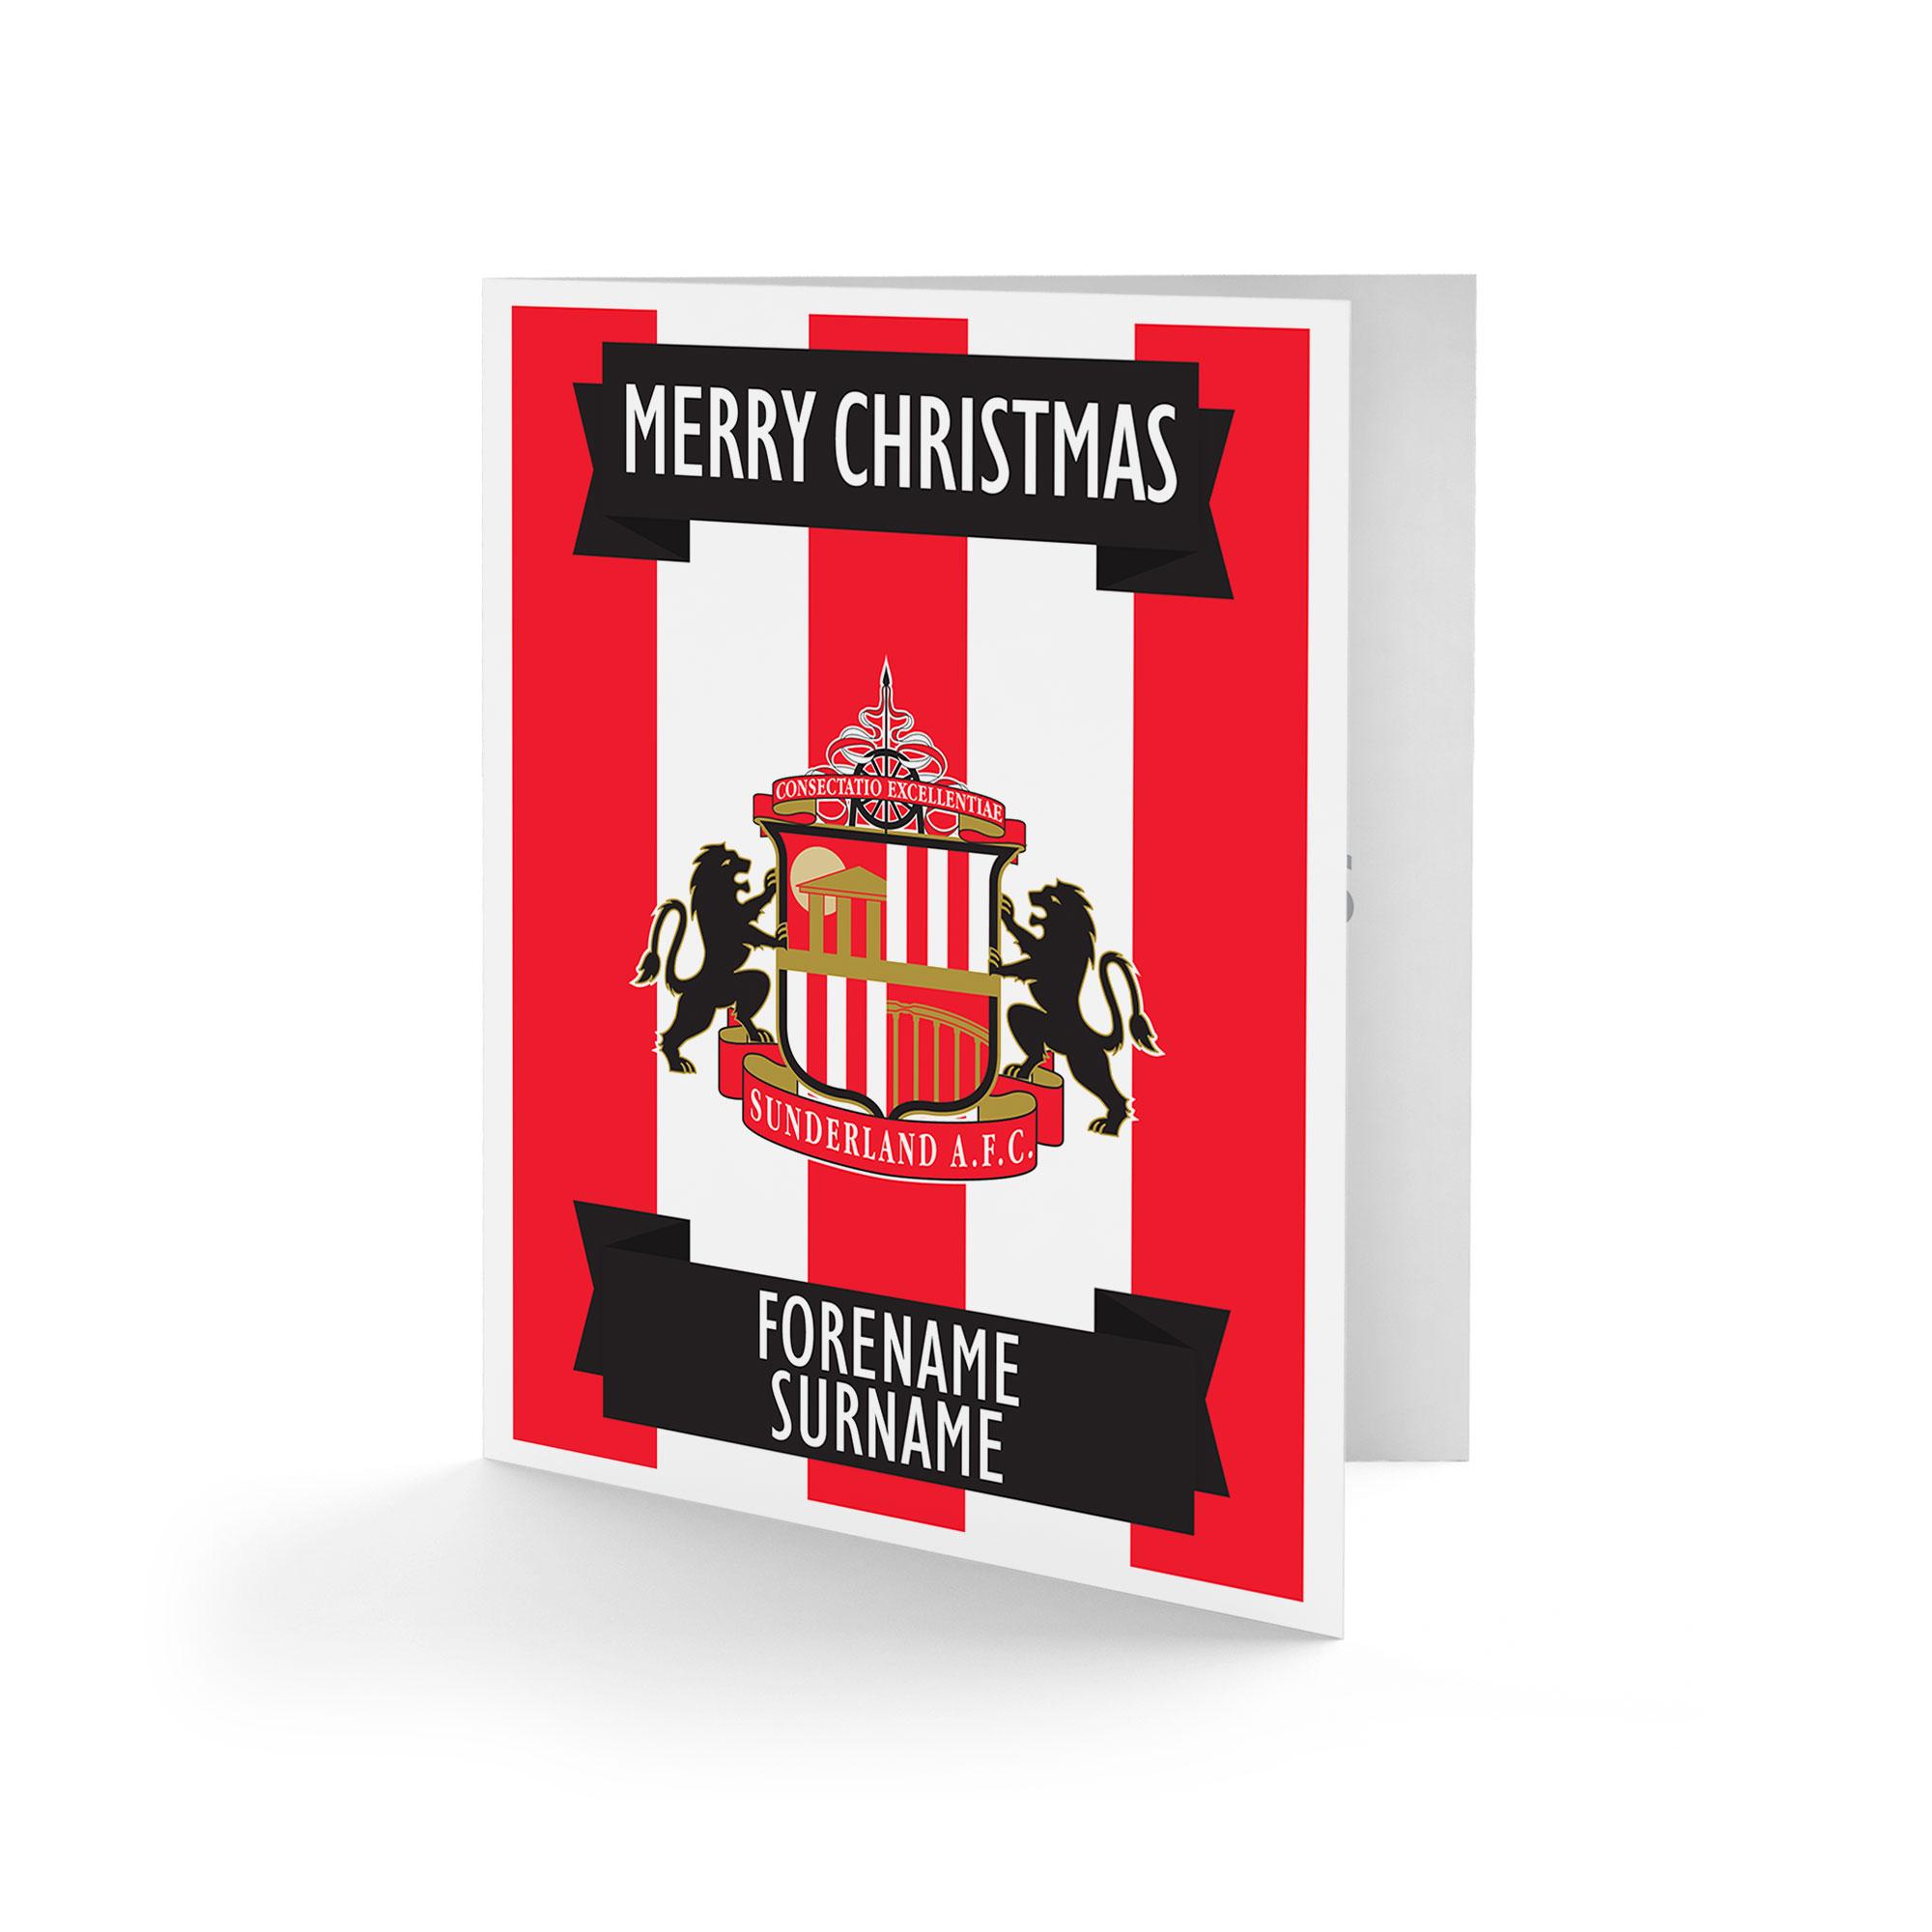 Sunderland AFC Crest Christmas Card